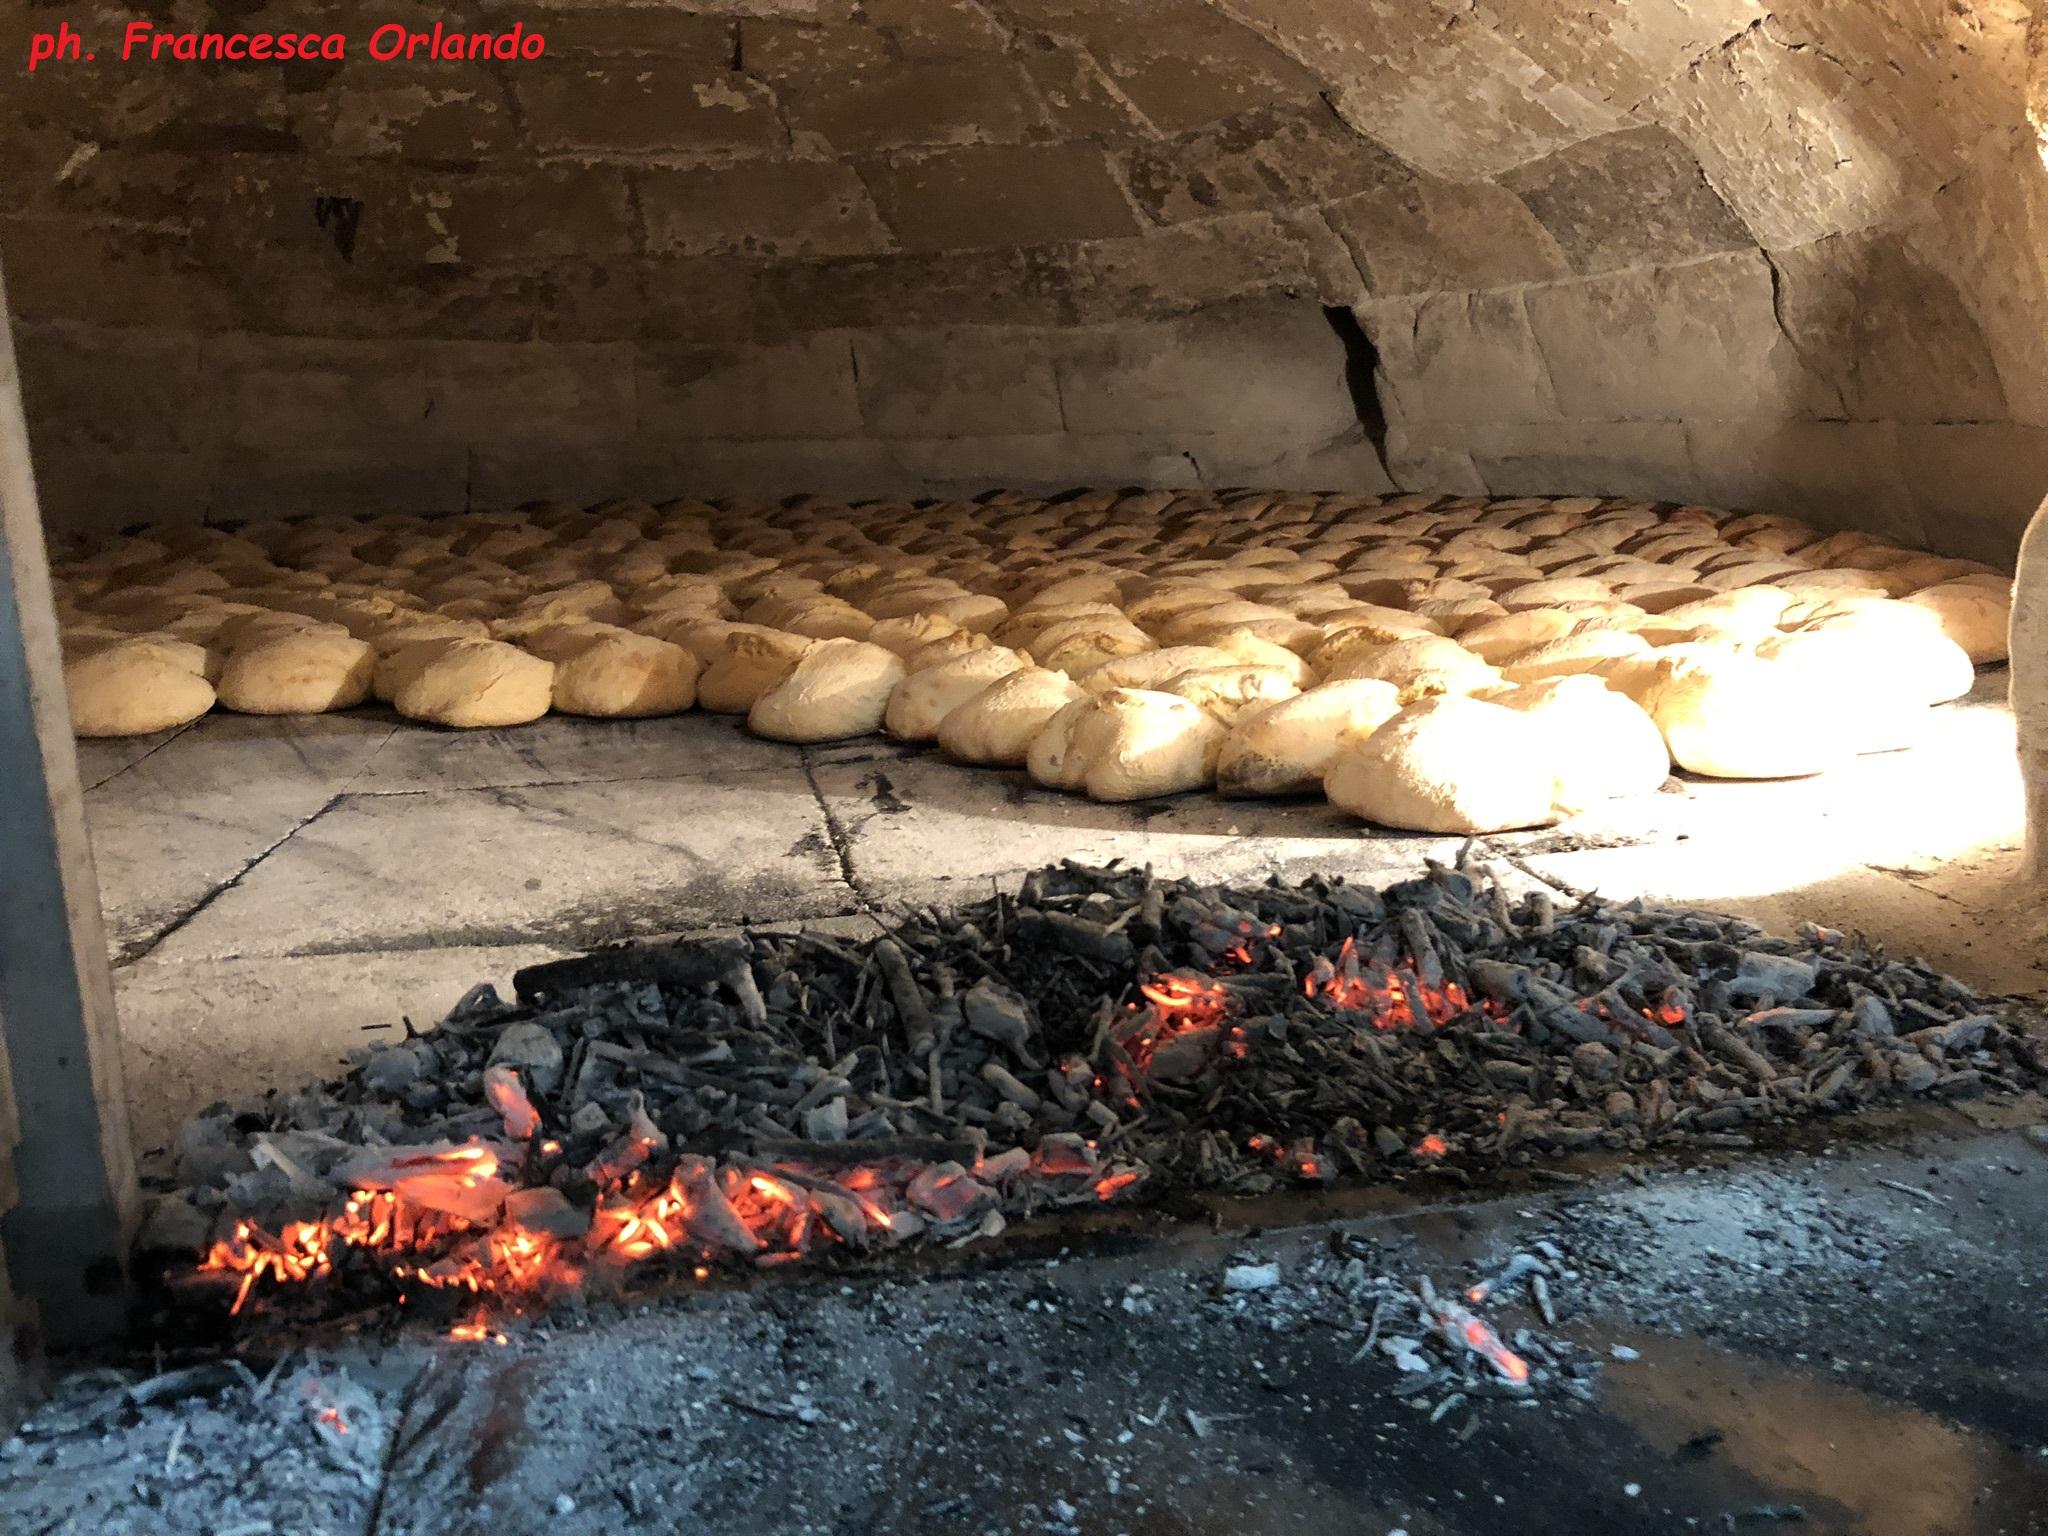 la cottura della puccia in forno a legna